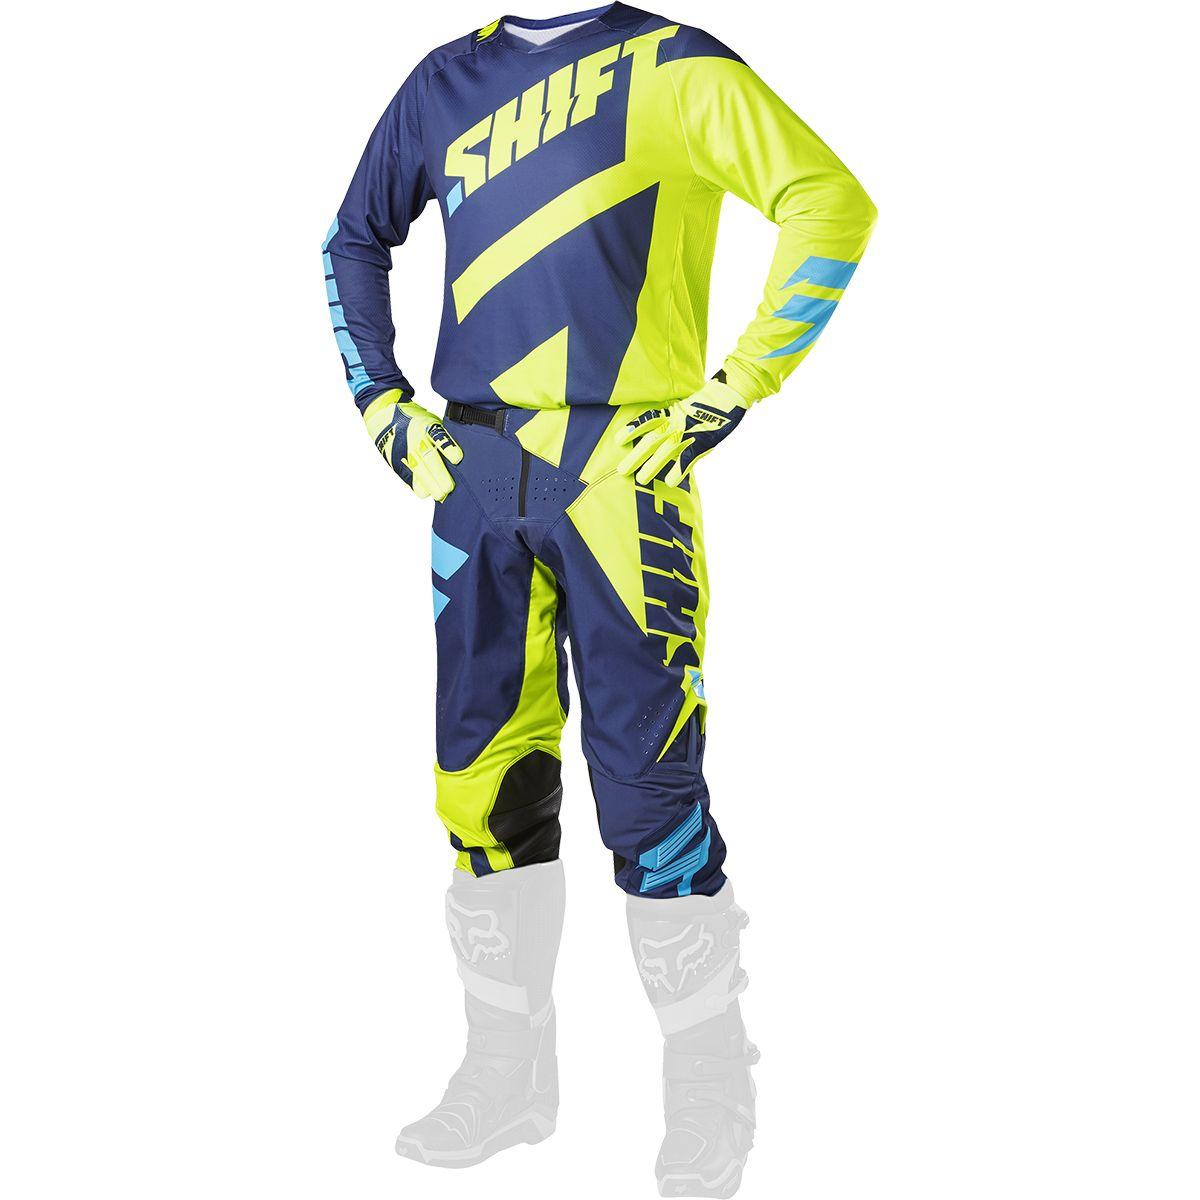 Shift - 2017 3LACK Mainline комплект штаны и джерси, желтые